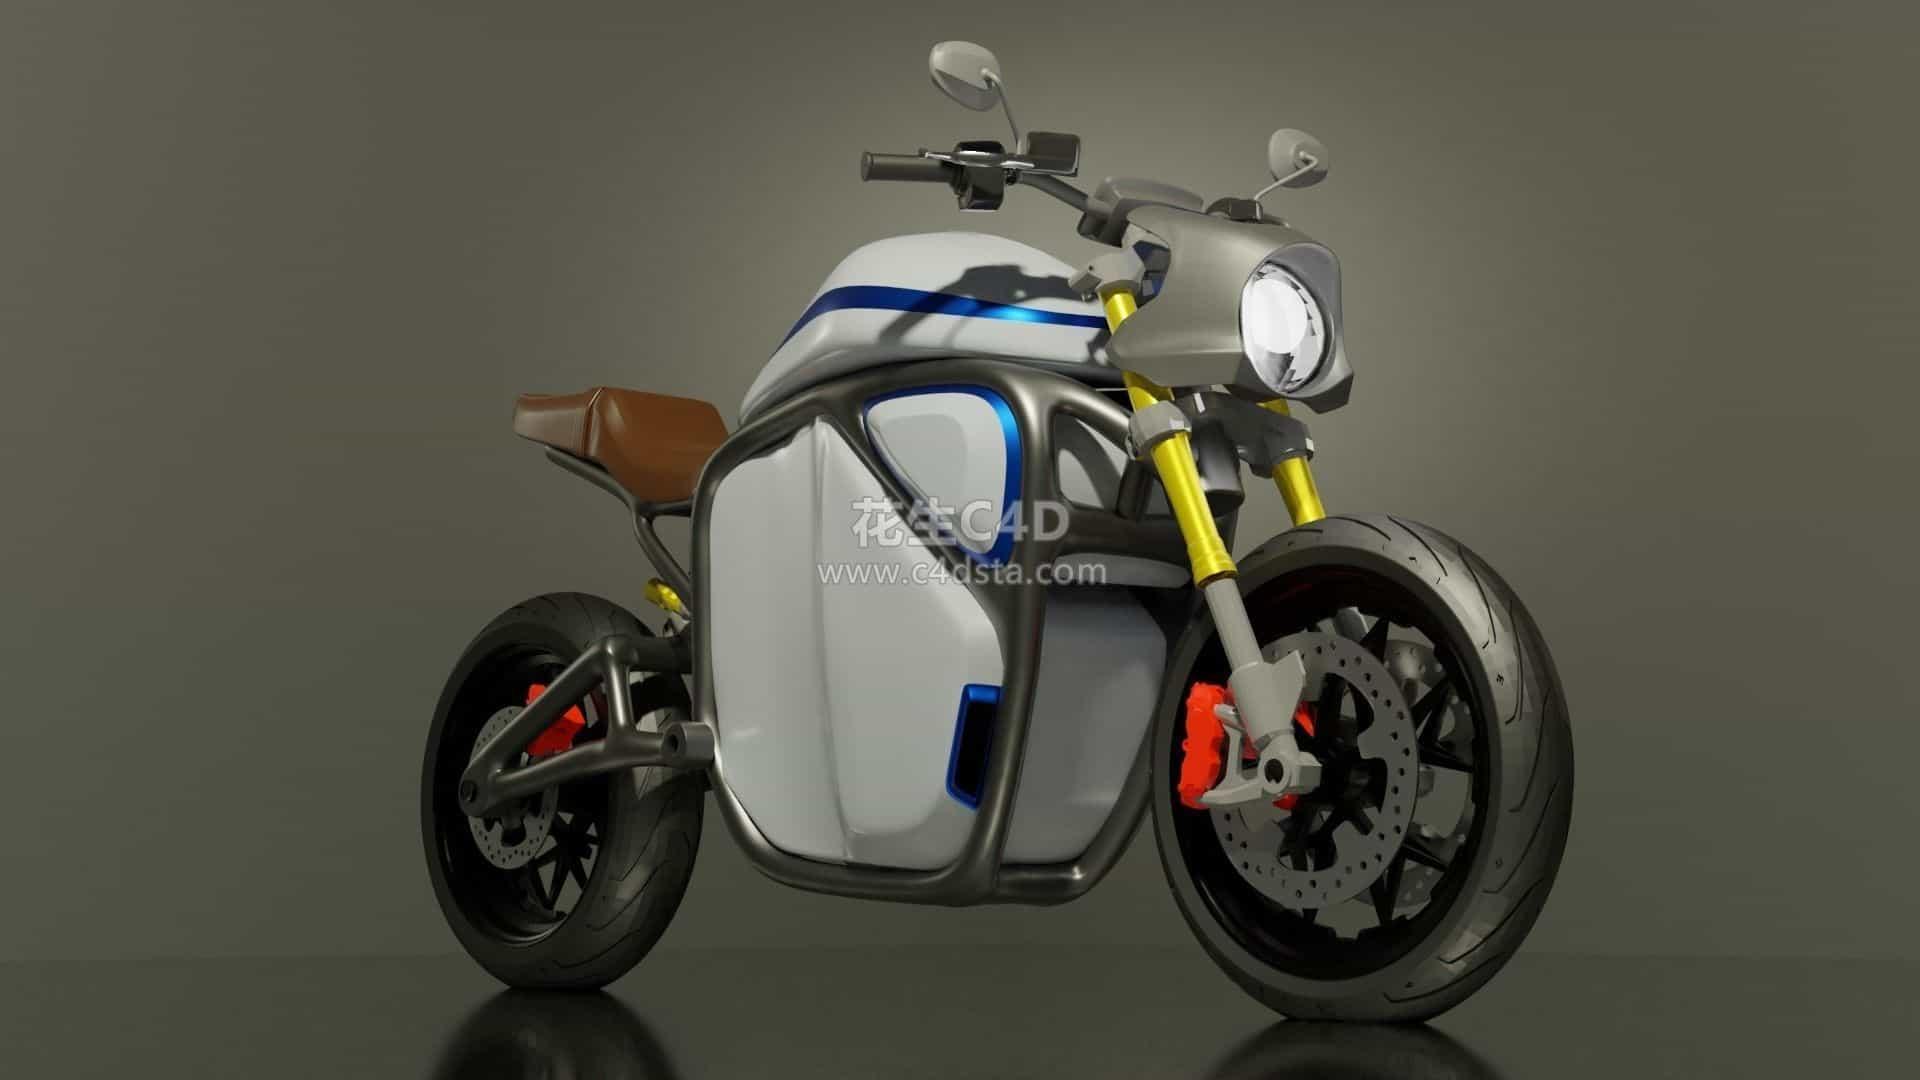 三维模型-摩托车模型越野摩托赛车模型 626CG资源站